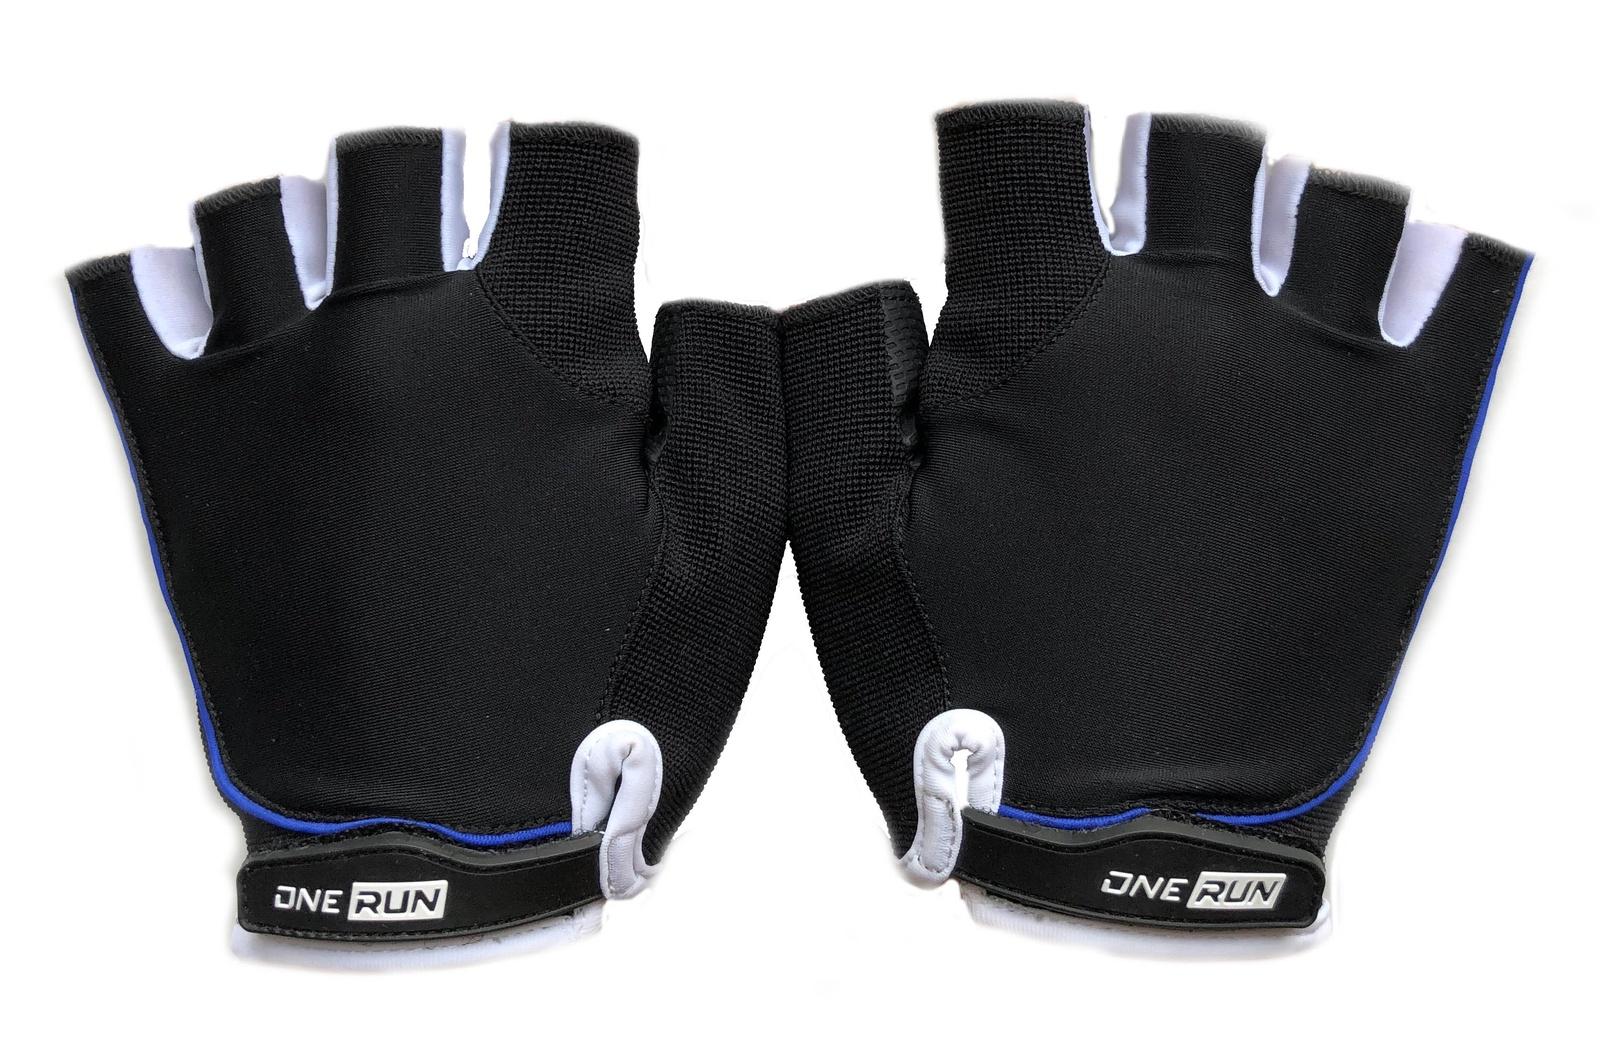 цена на Перчатки для фитнеса OneRun женские, AI-05-783-XS, белый, черный, размер XS